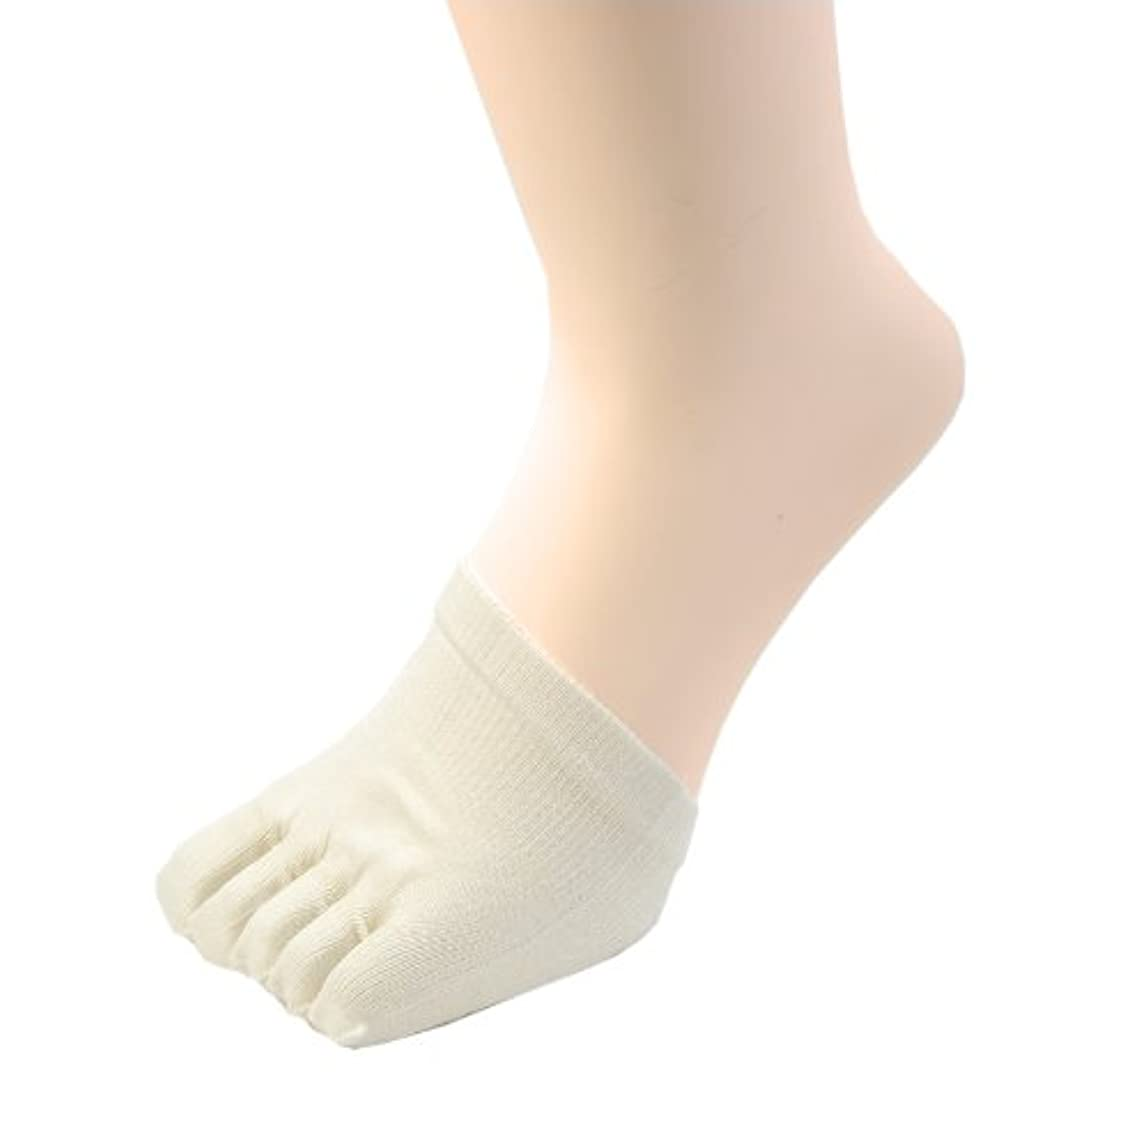 リビングルーム異議サイト冷えとり 絹 ( シルク )100% ハーフ 5本指 下履き (クツしたイン) ソックス 着圧健康ソックスの必需品! 2足組 #685